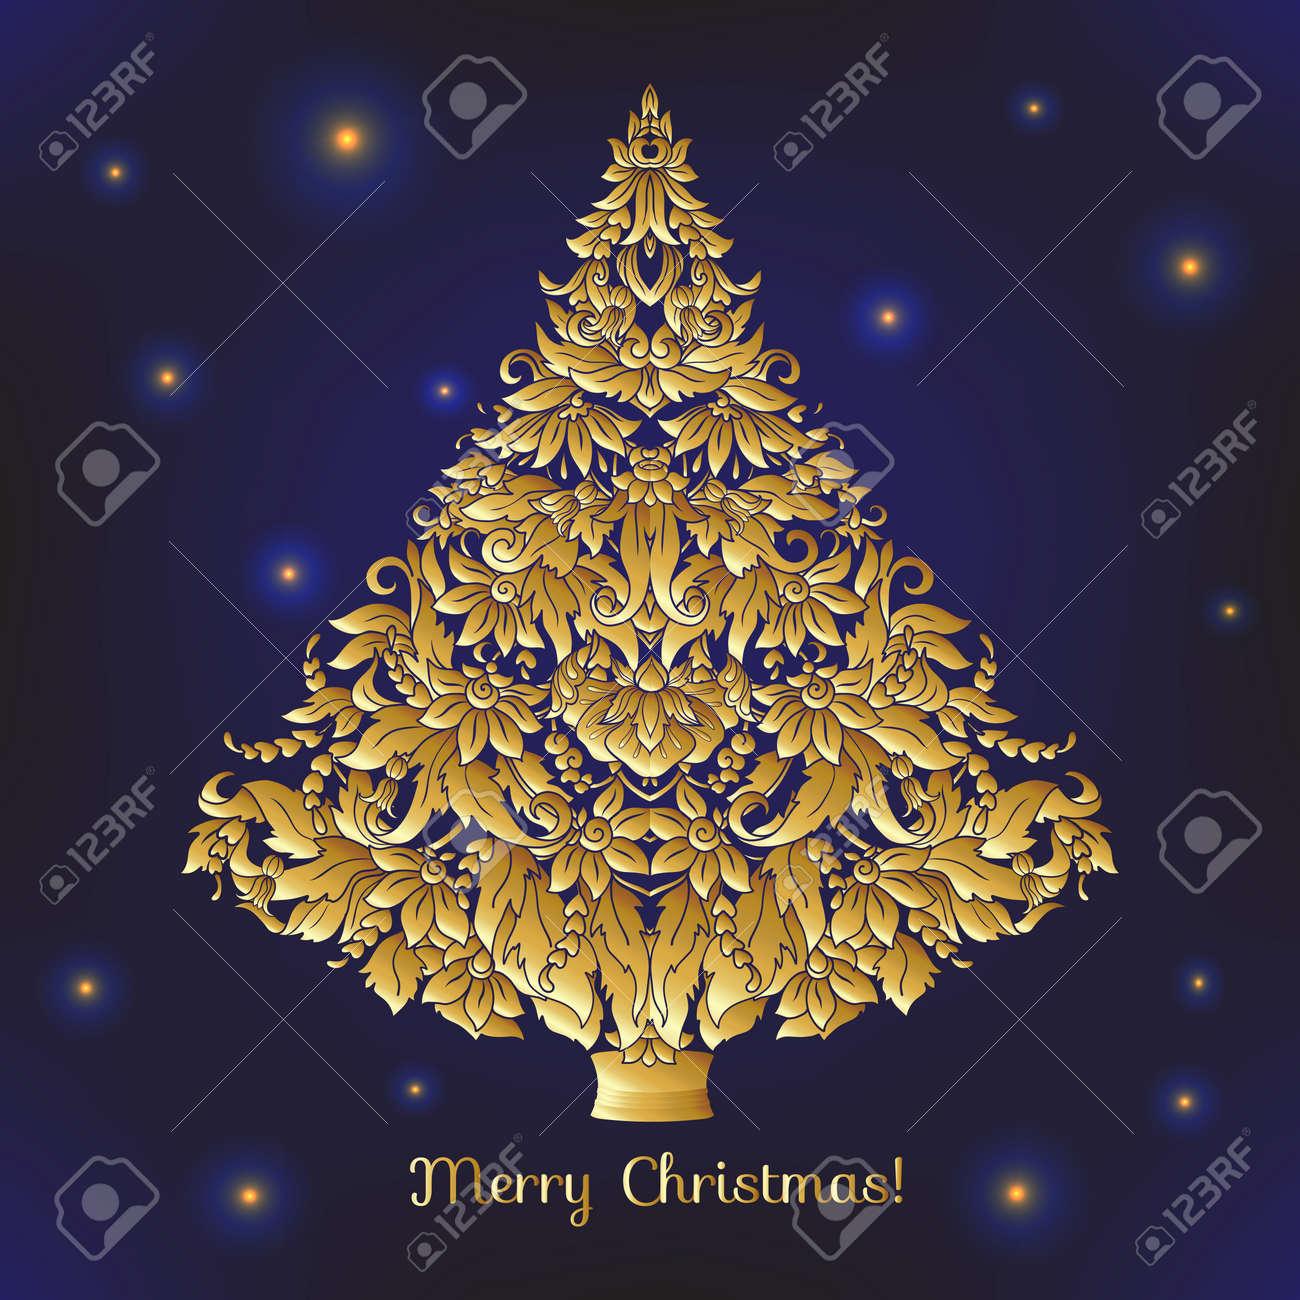 Rbol De Navidad Decorativo De Oro Bueno Para La Tarjeta De Felicitación De Cumpleaños Invitación O Banner Ilustración De Vector De Línea De Stock